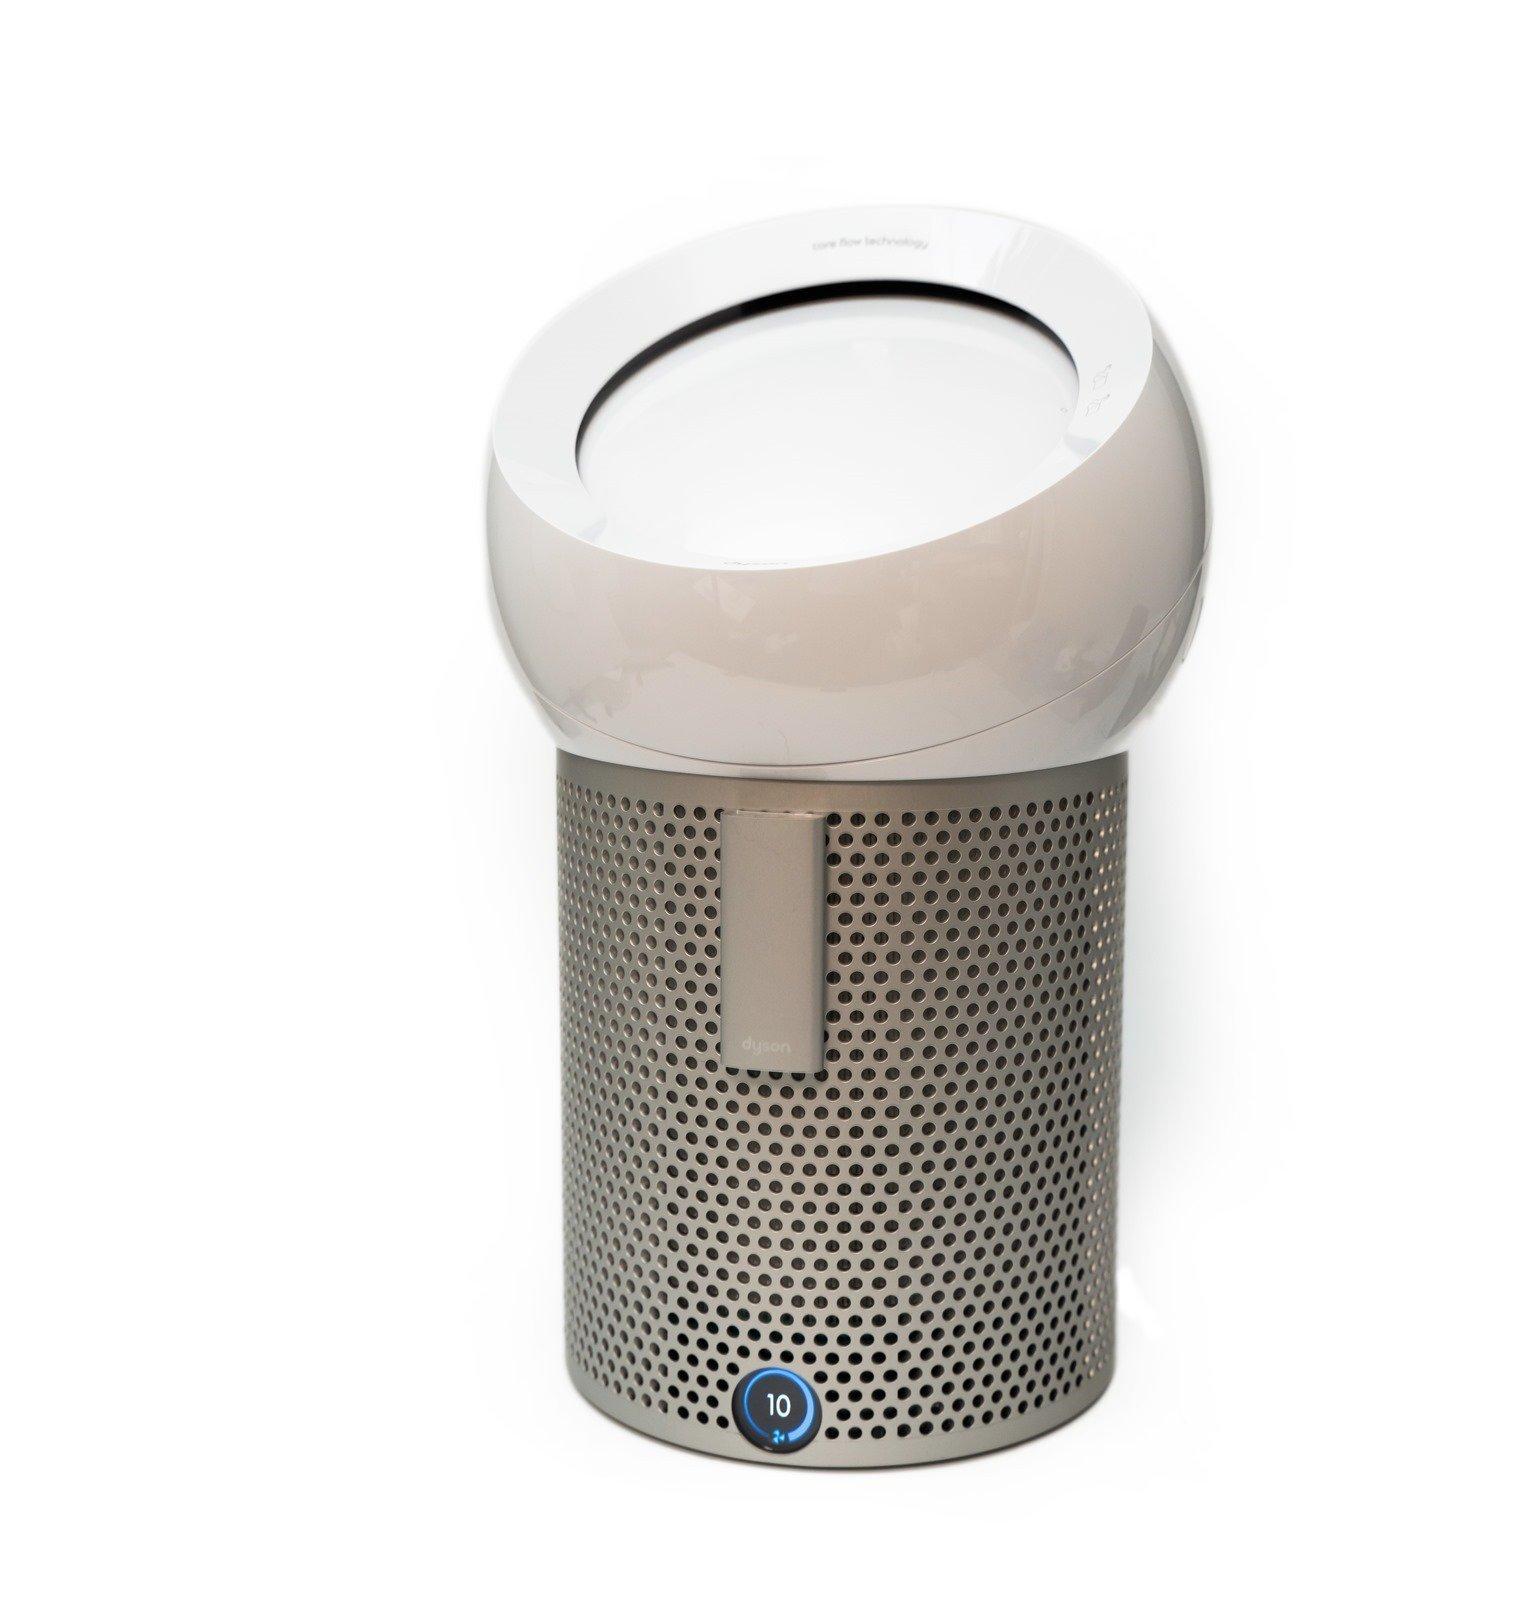 【開箱】Dyson Pure Cool Me™搭配全新過濾與送風科技,個人空氣清淨風扇的新選擇